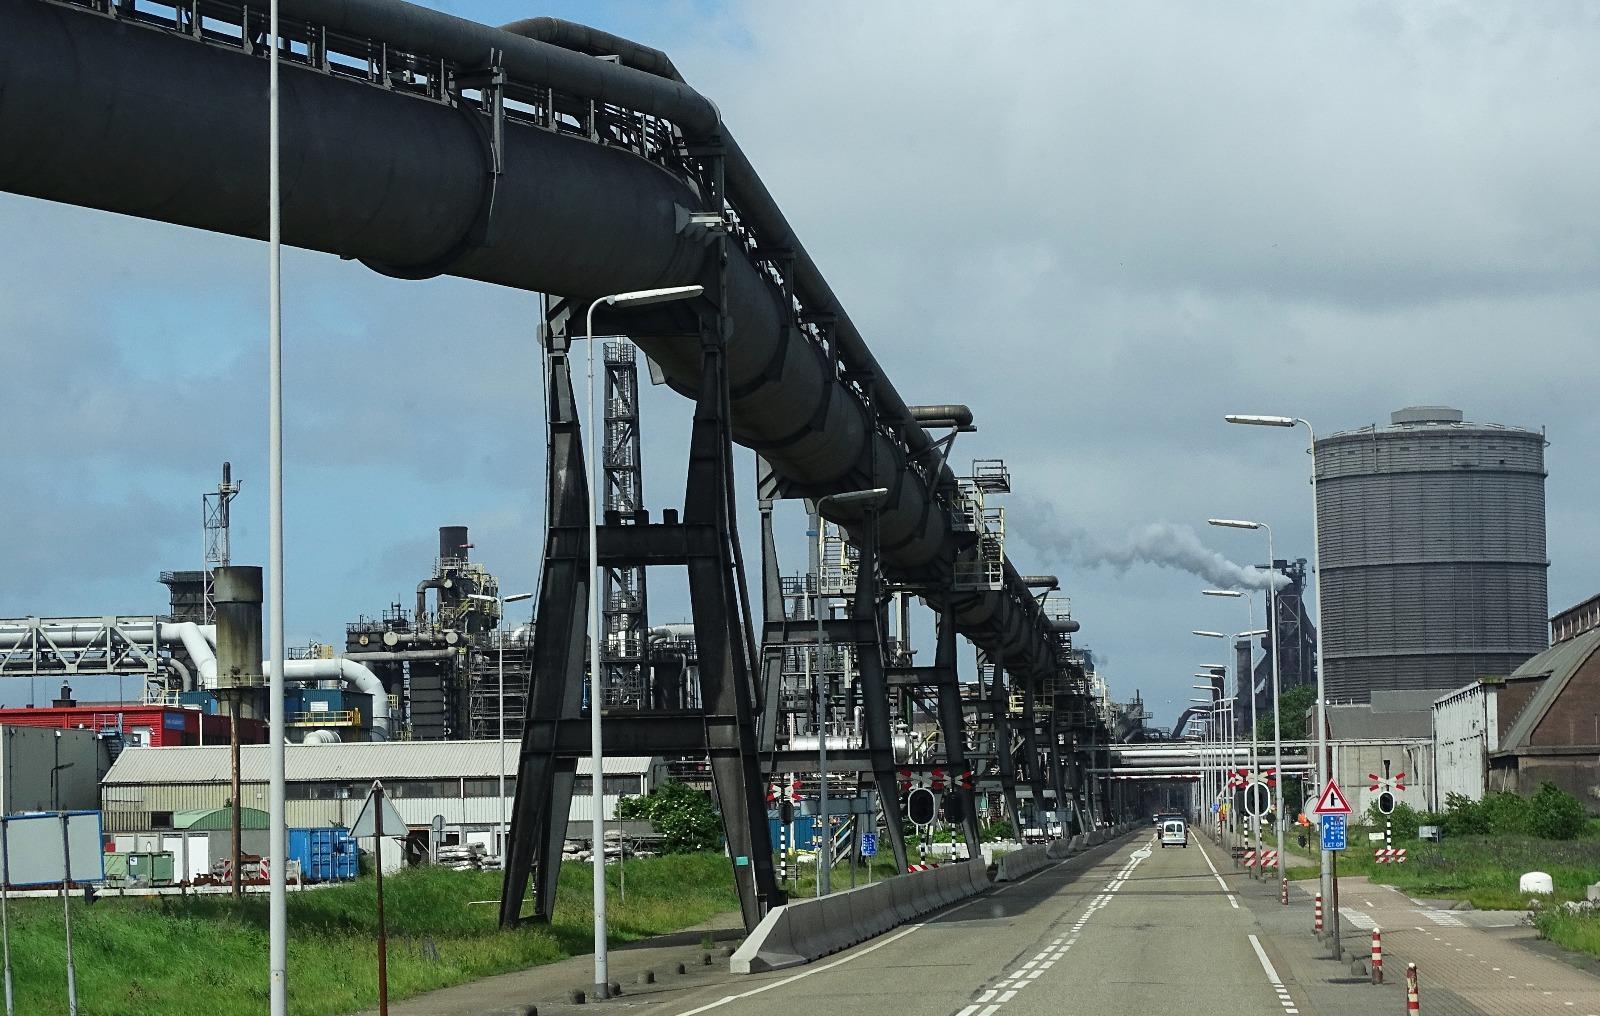 Tata koploper in vervuiling: uitstoot twee keer hoger dan in rapport staat